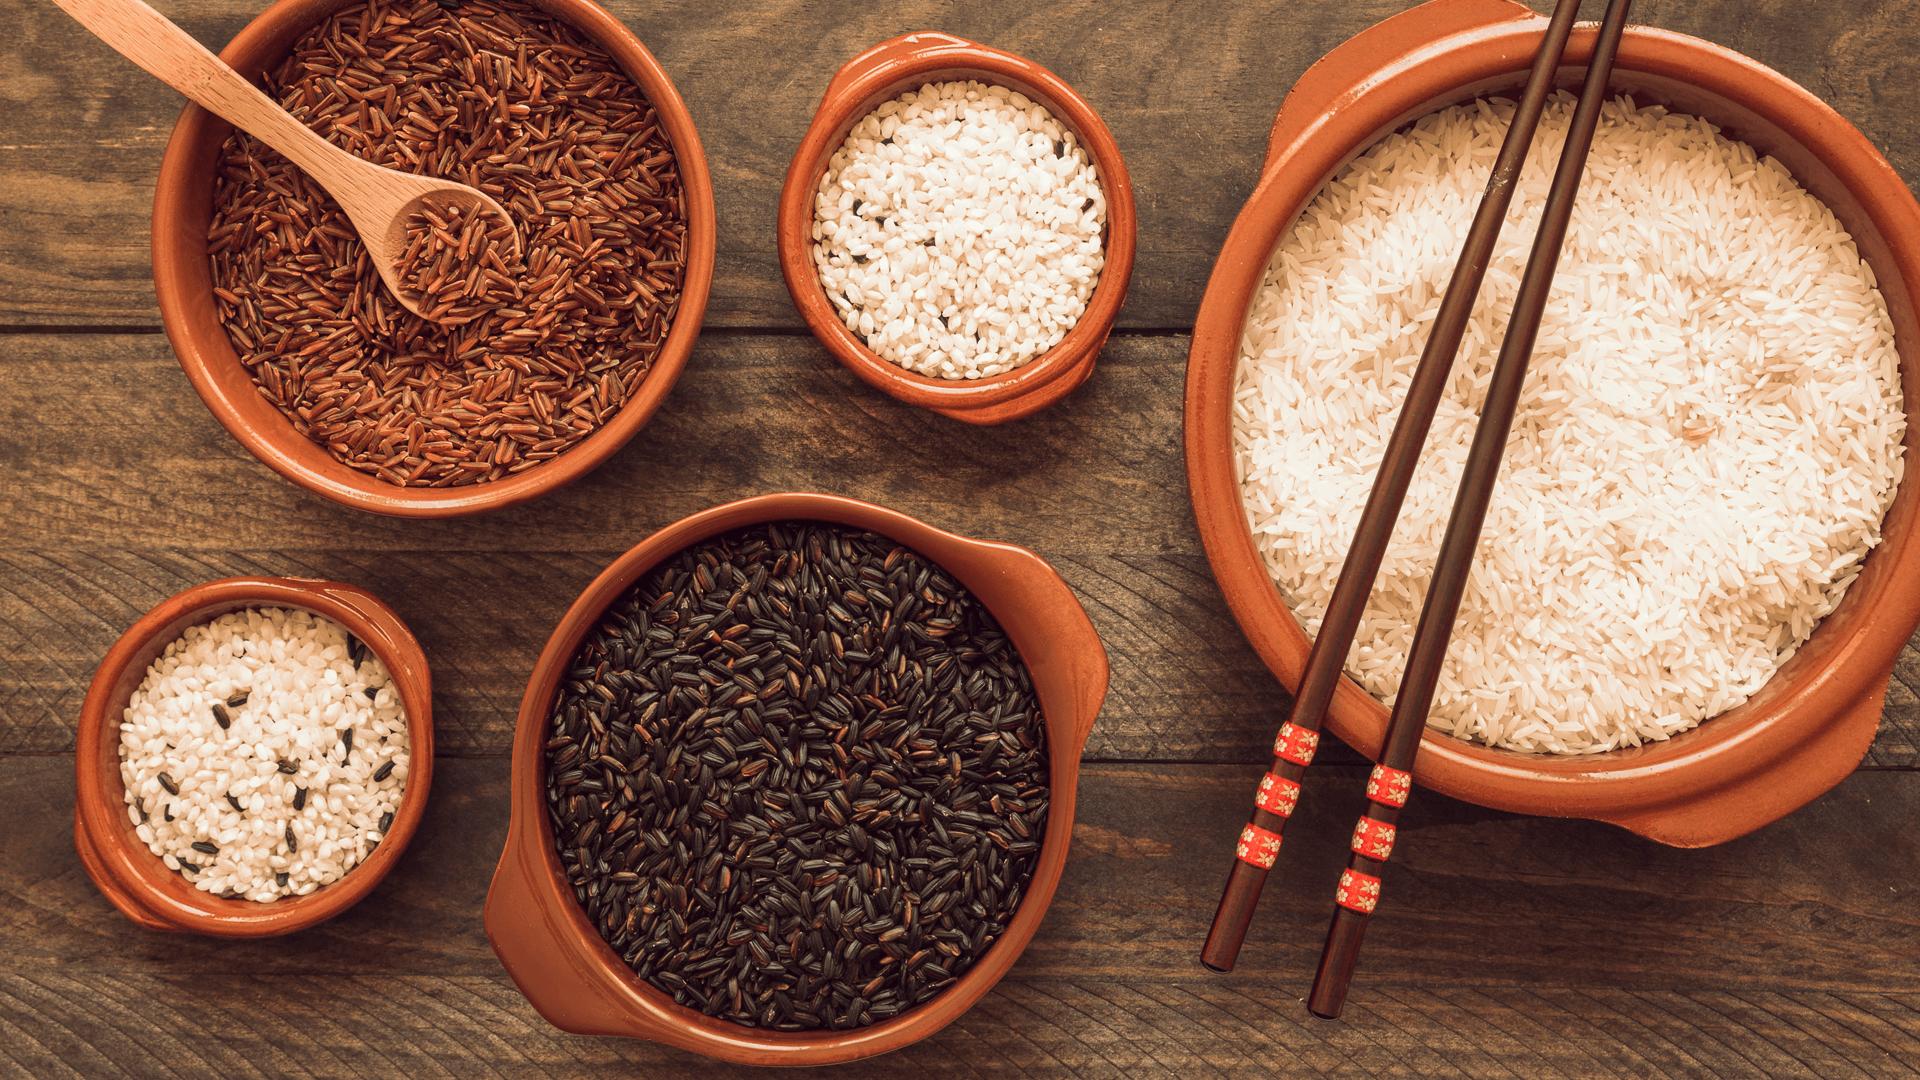 ăn gạo lứt giúp giảm cân nhanh hơn  ăn gạo lứt giảm cân Chỉ ăn gạo lứt giảm cân về dáng cực nhanh an gao lut giam can thon dang